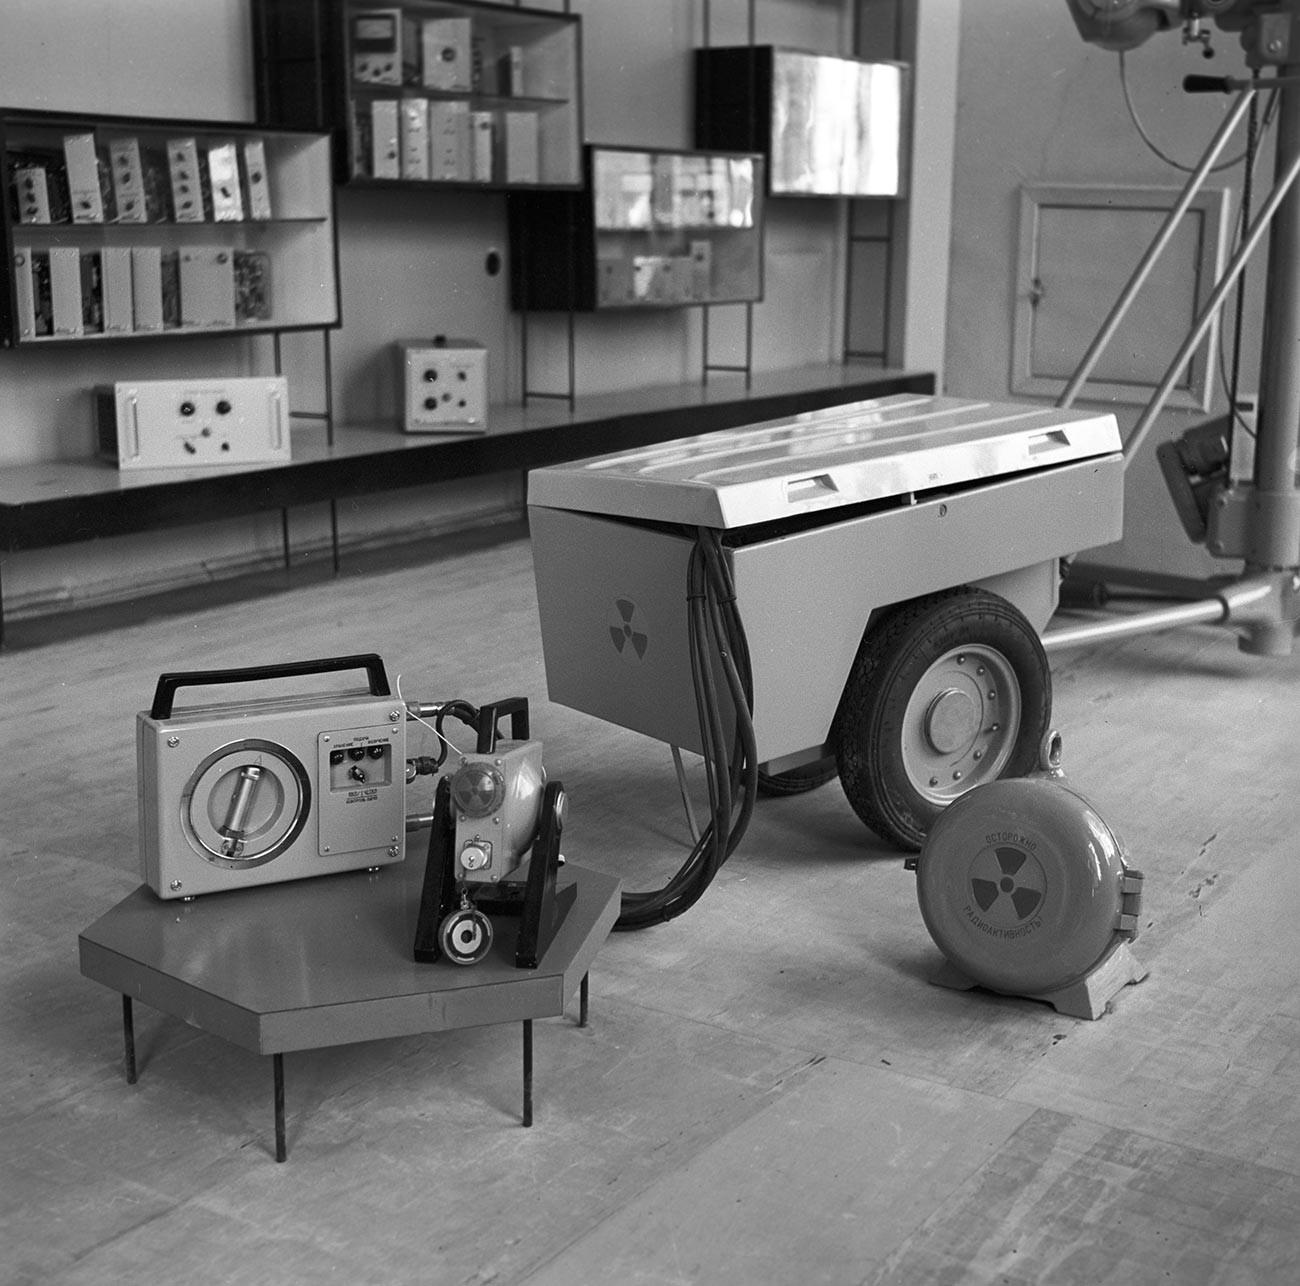 Как вСССР продавали радиоактивные вещества вобычном магазине